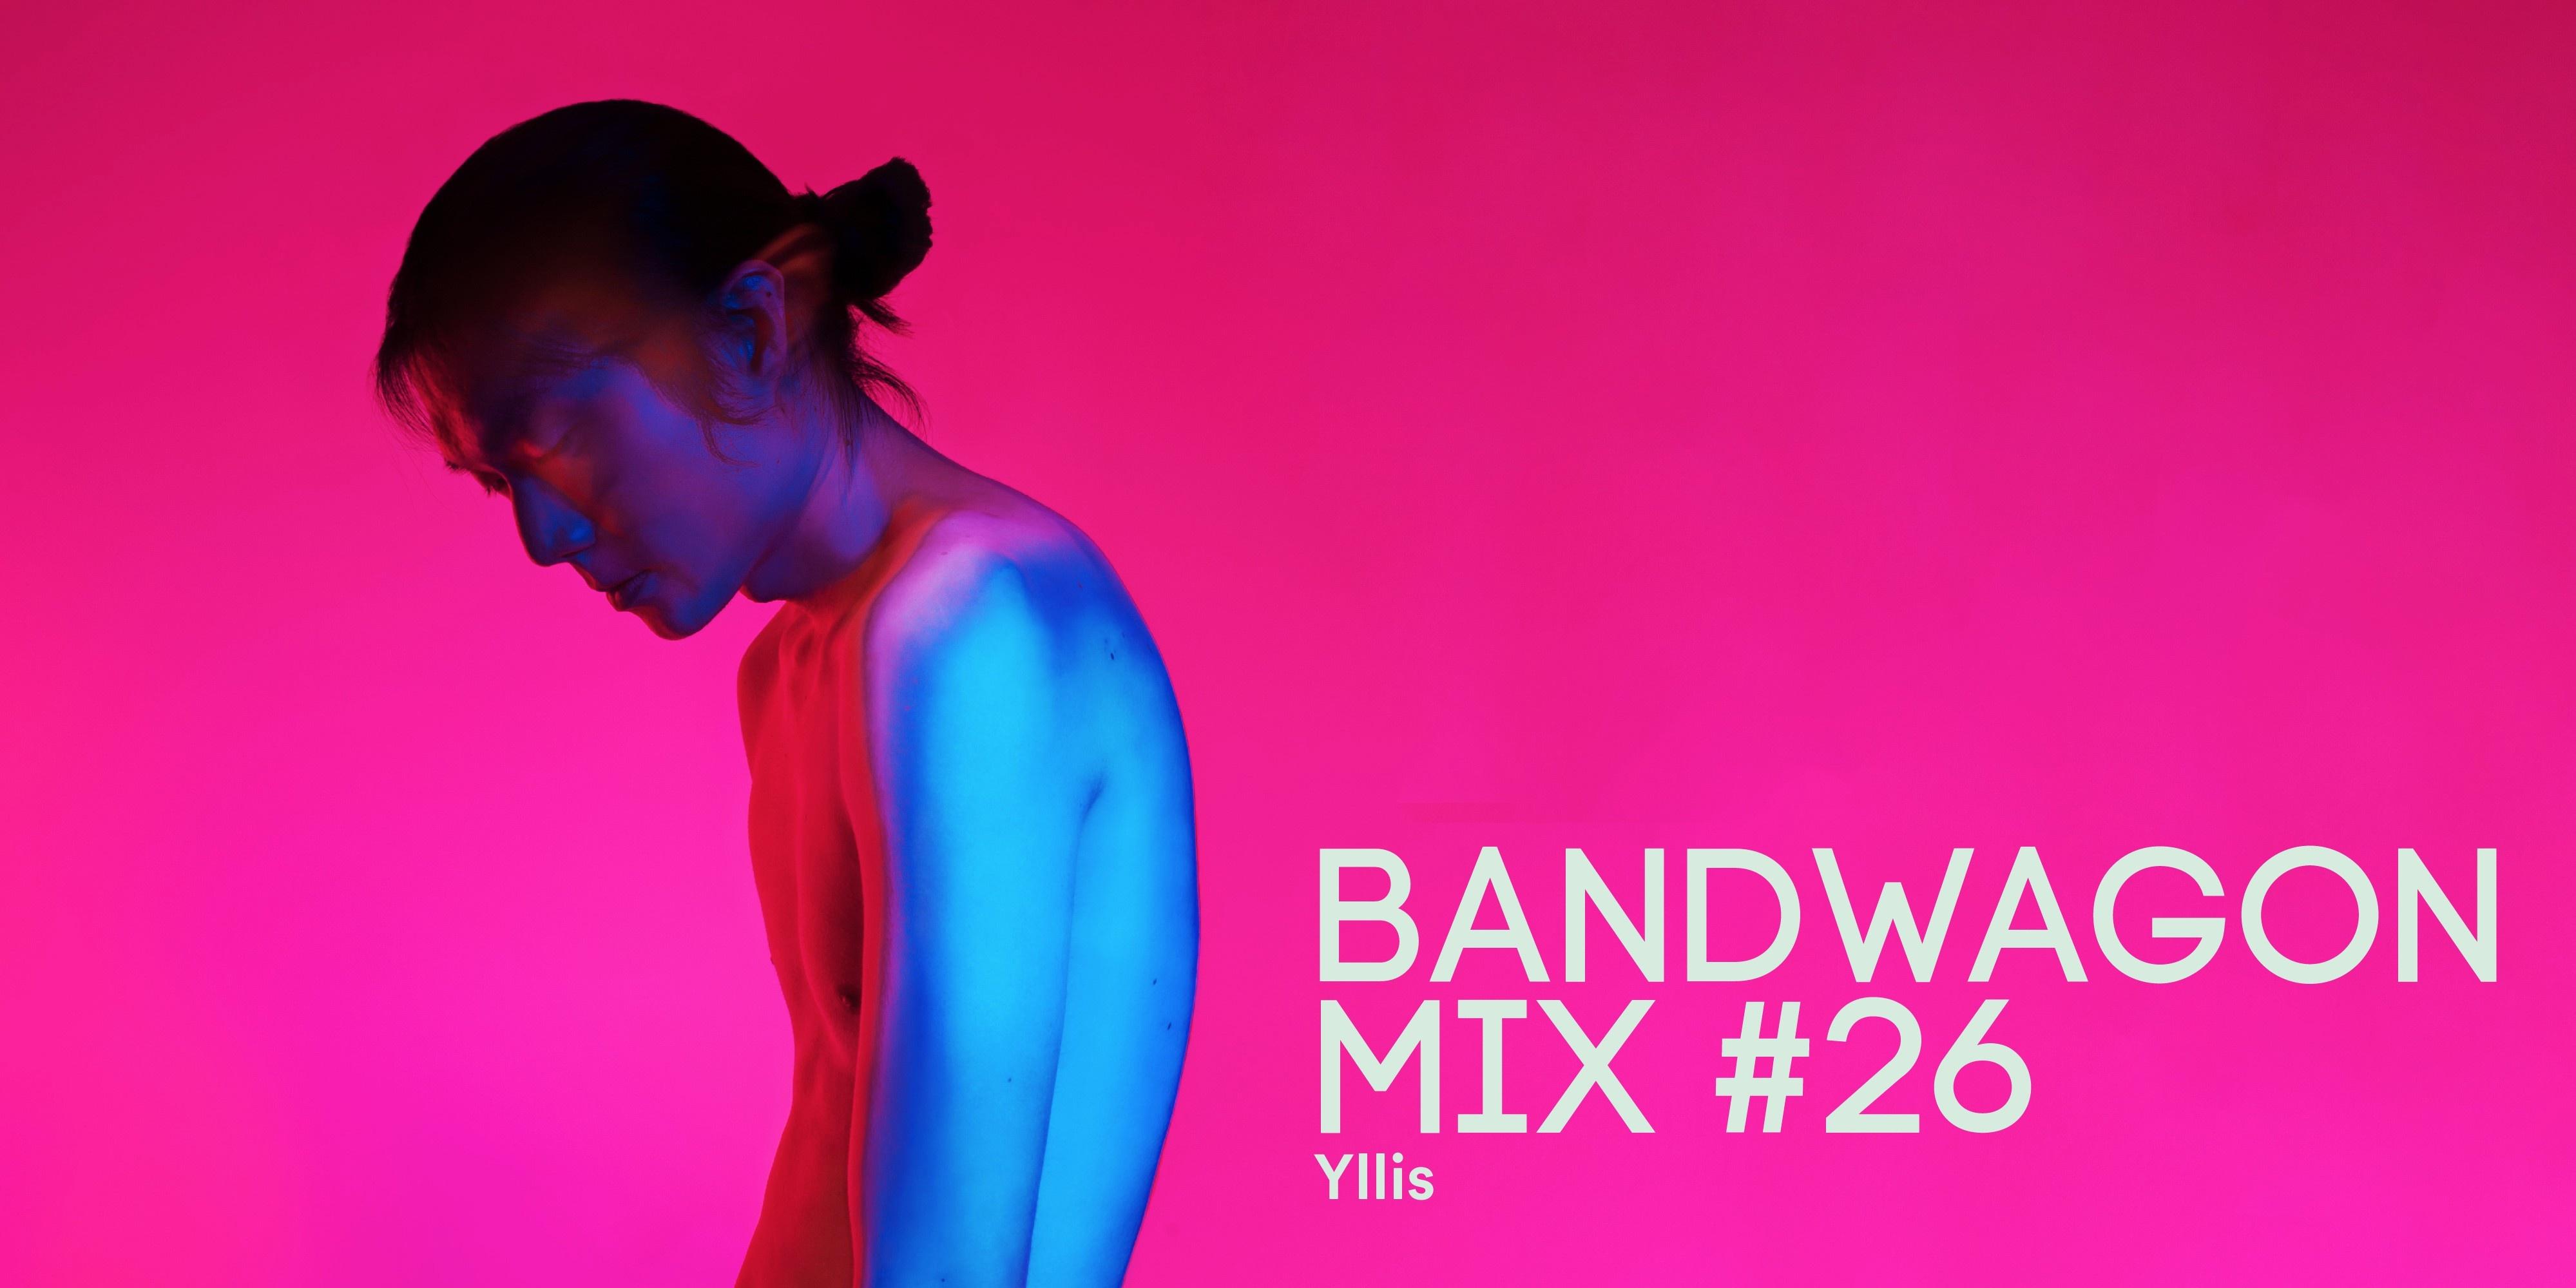 Bandwagon Mix #26: Yllis